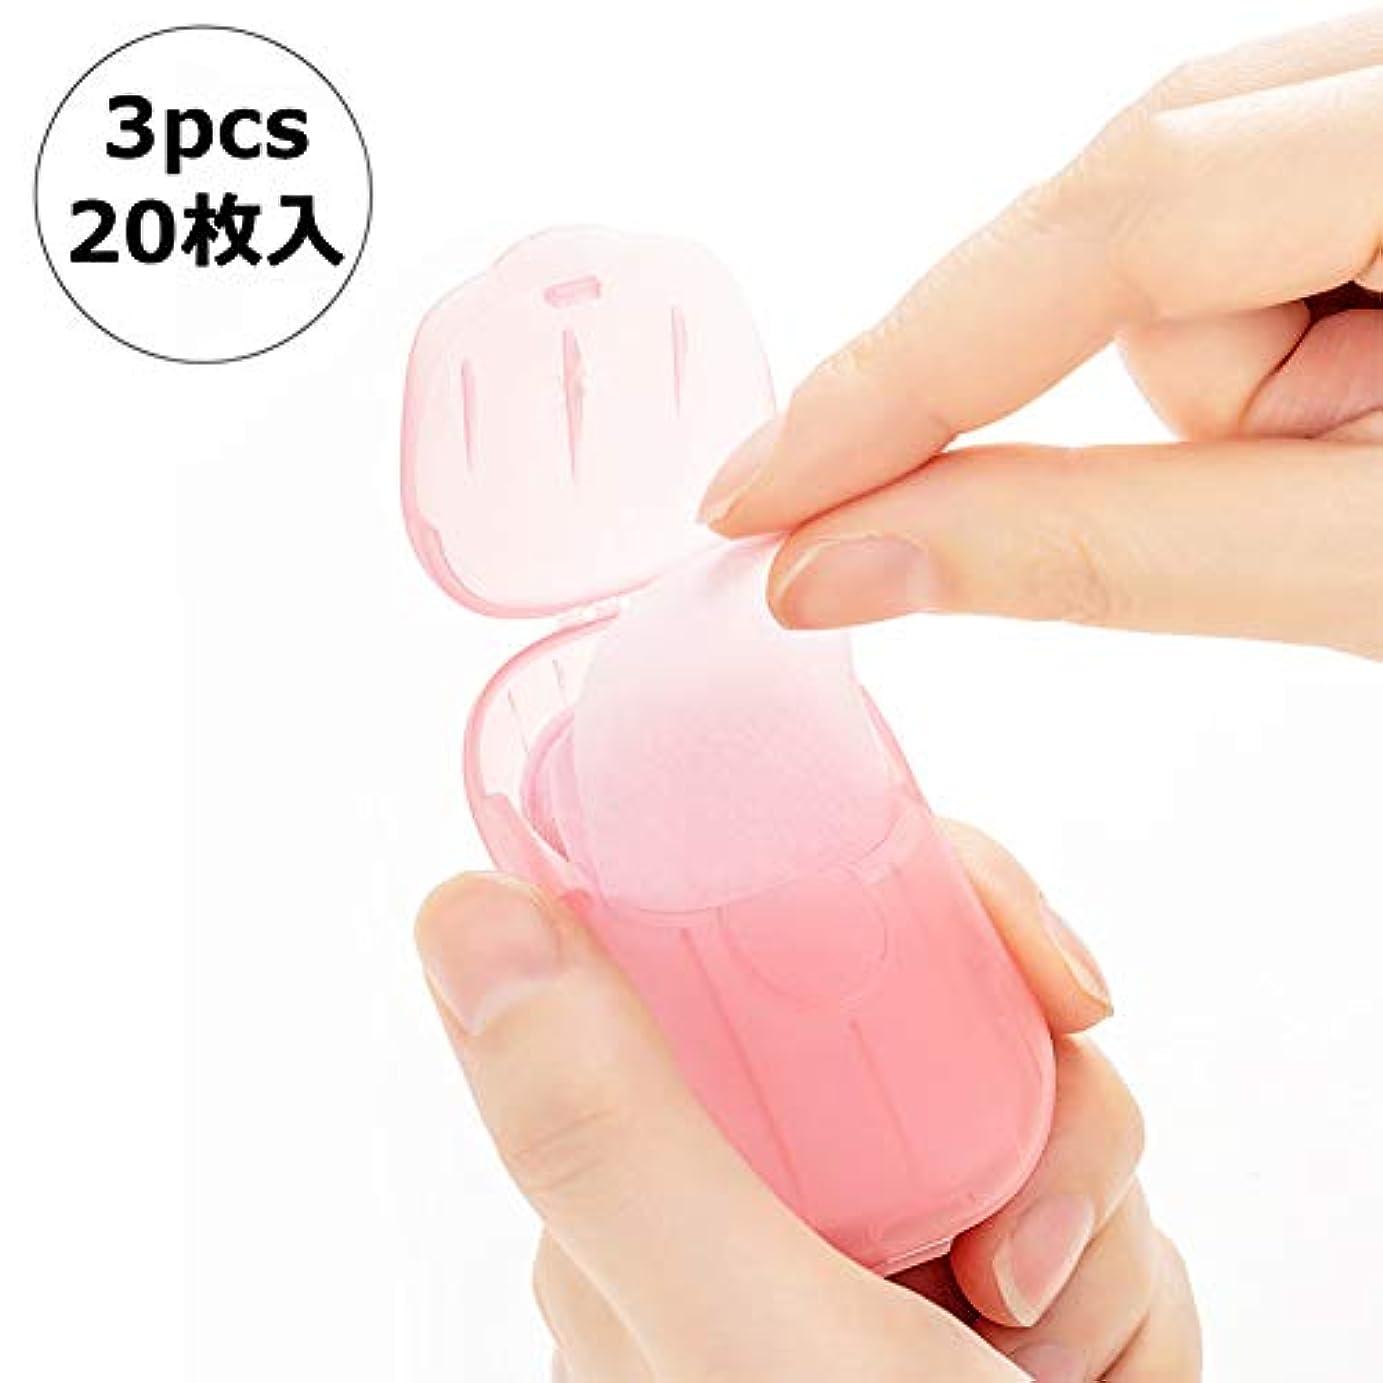 売り手風刺ポータルNITIUMI ペーパーソープ 除菌 香り 石鹸 手洗い/お風呂 旅行携帯用 紙せっけん 20枚入 ケース付き カラーランダム (3個セット)